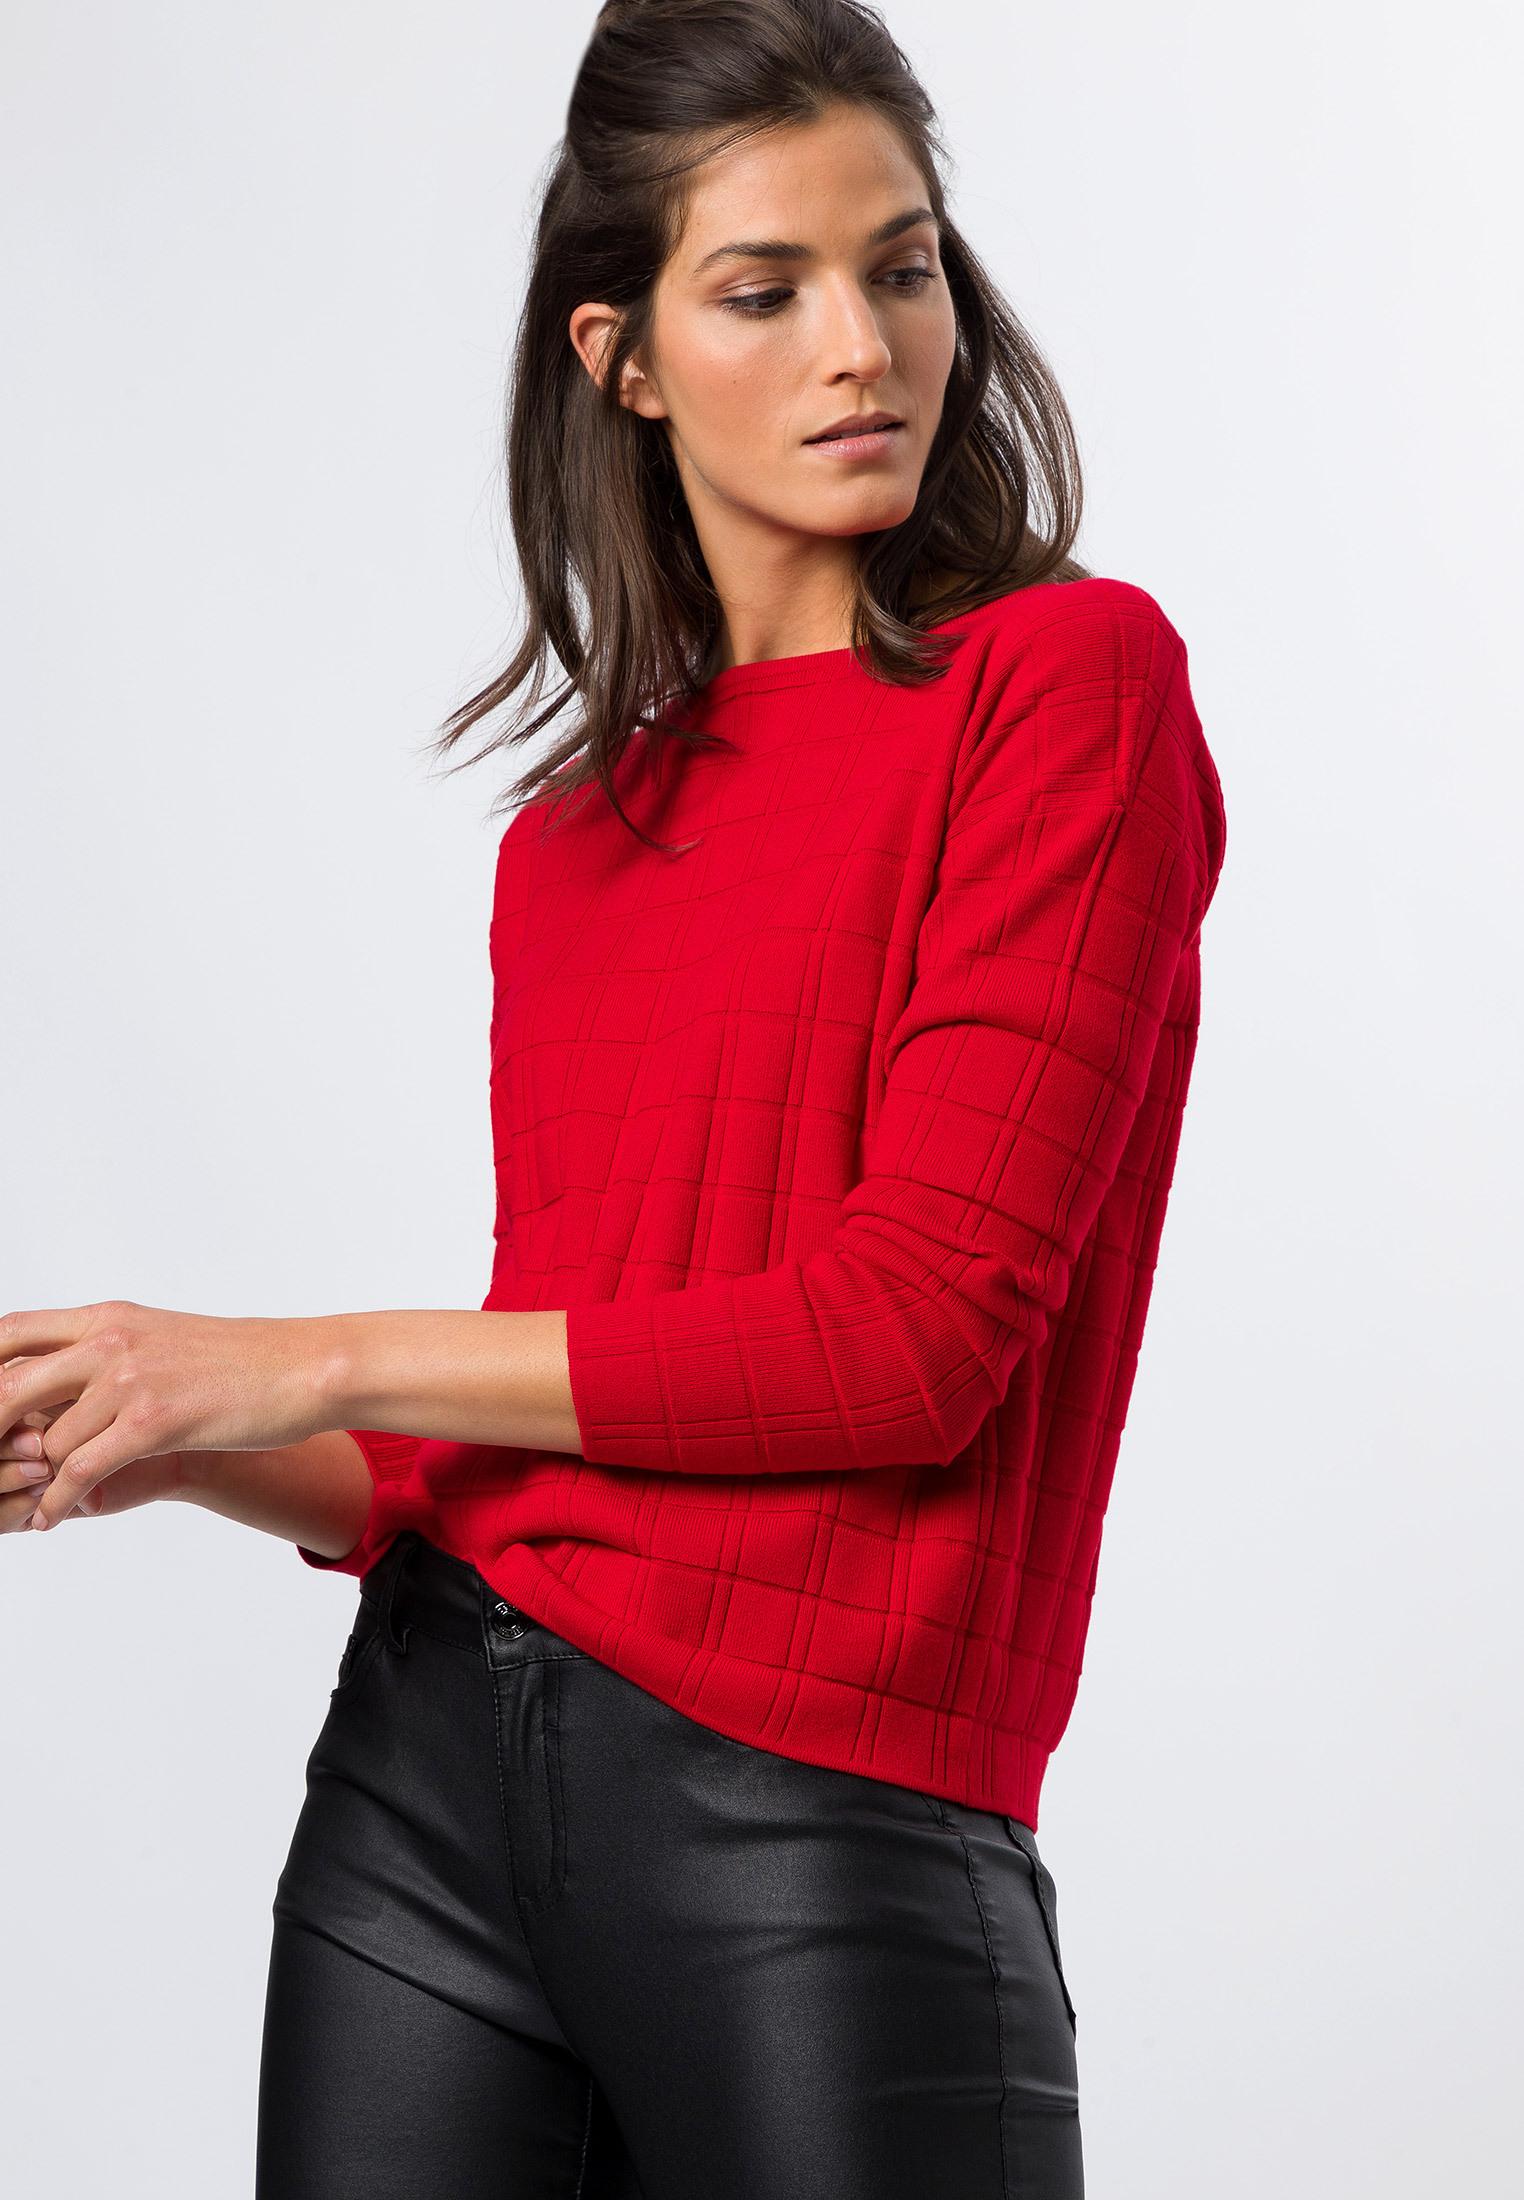 30% auf alles inkl. Sale bei ZERO Fashion ab 13,99€ Mindestwert & kostenloser Versand